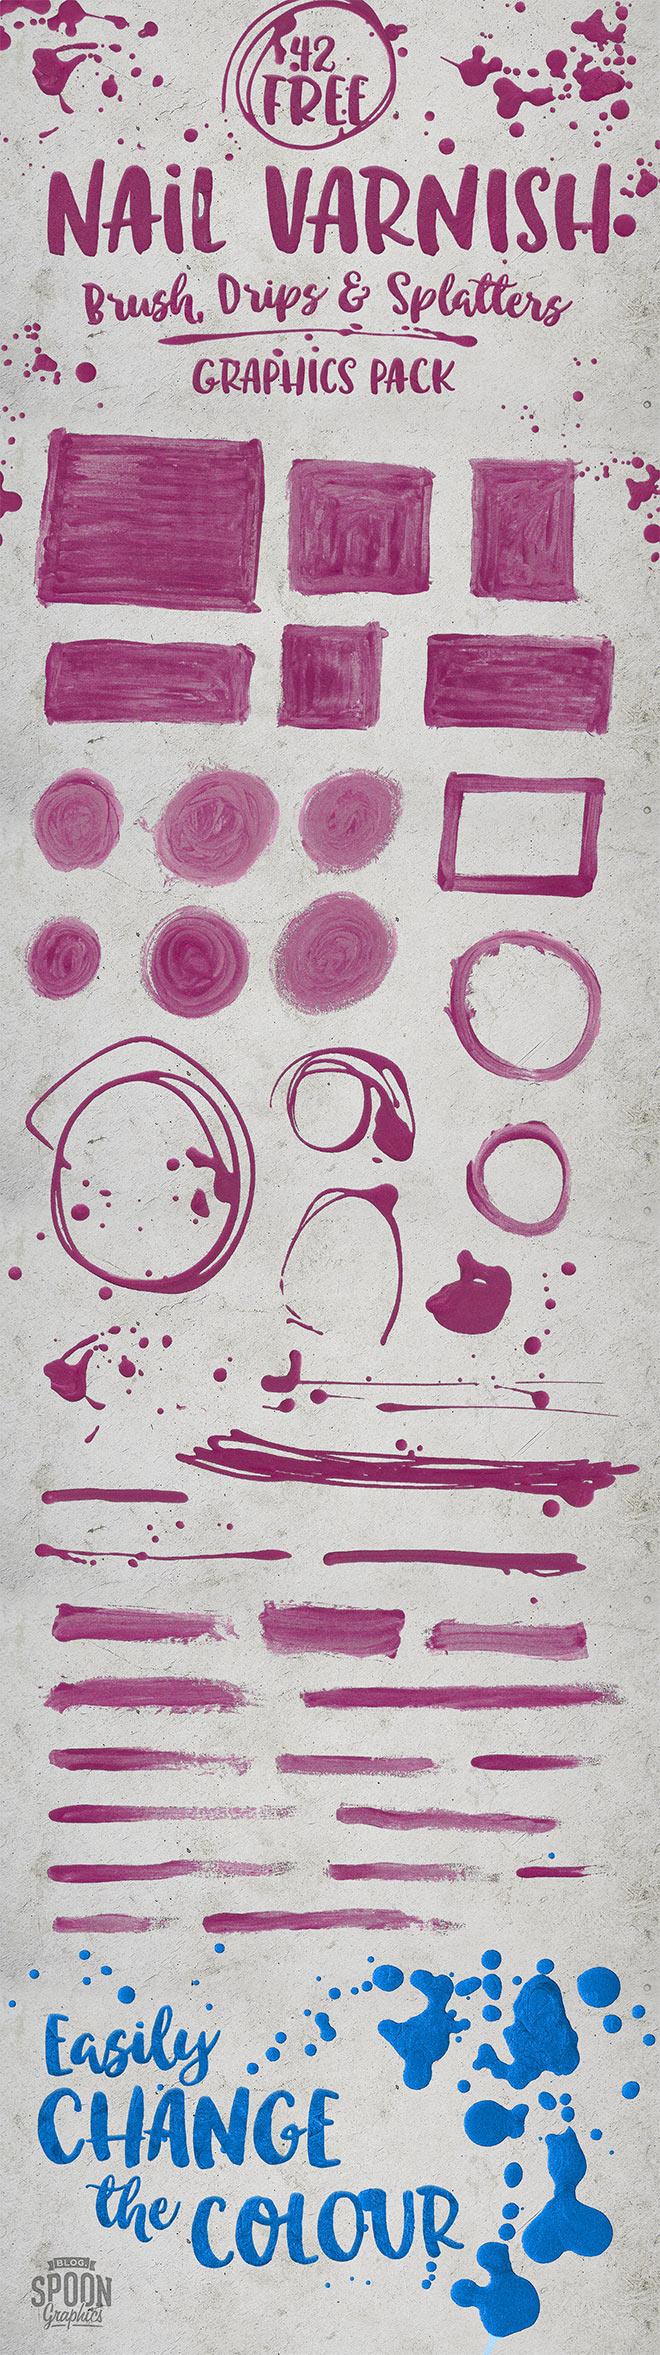 42个免费油漆涂抹刷子痕迹、滴溅、飞溅图案PS笔刷素材(PNG透明格式)